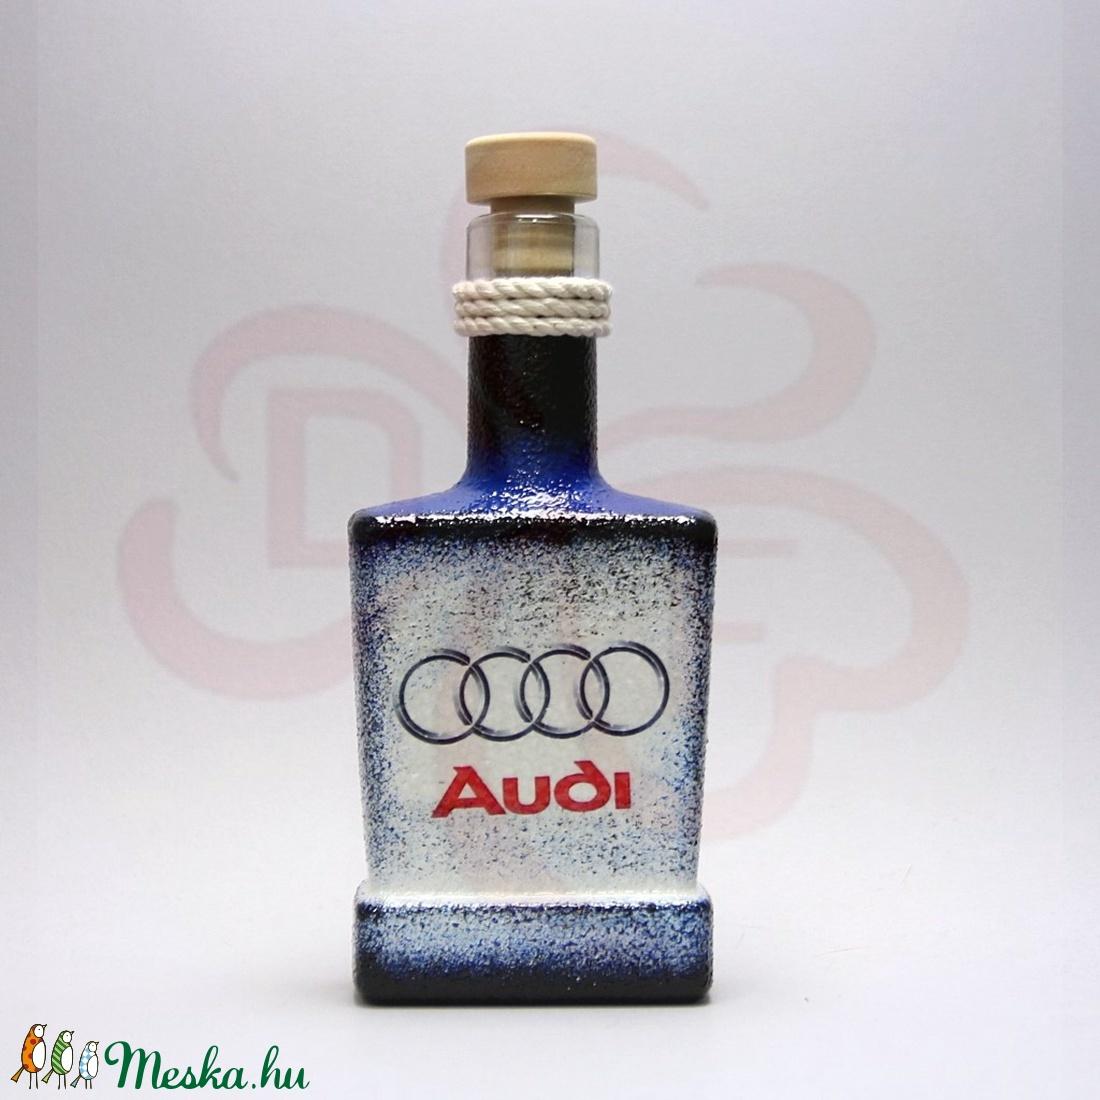 Audi whiskys üveg ; Audi rajongóknak - Meska.hu